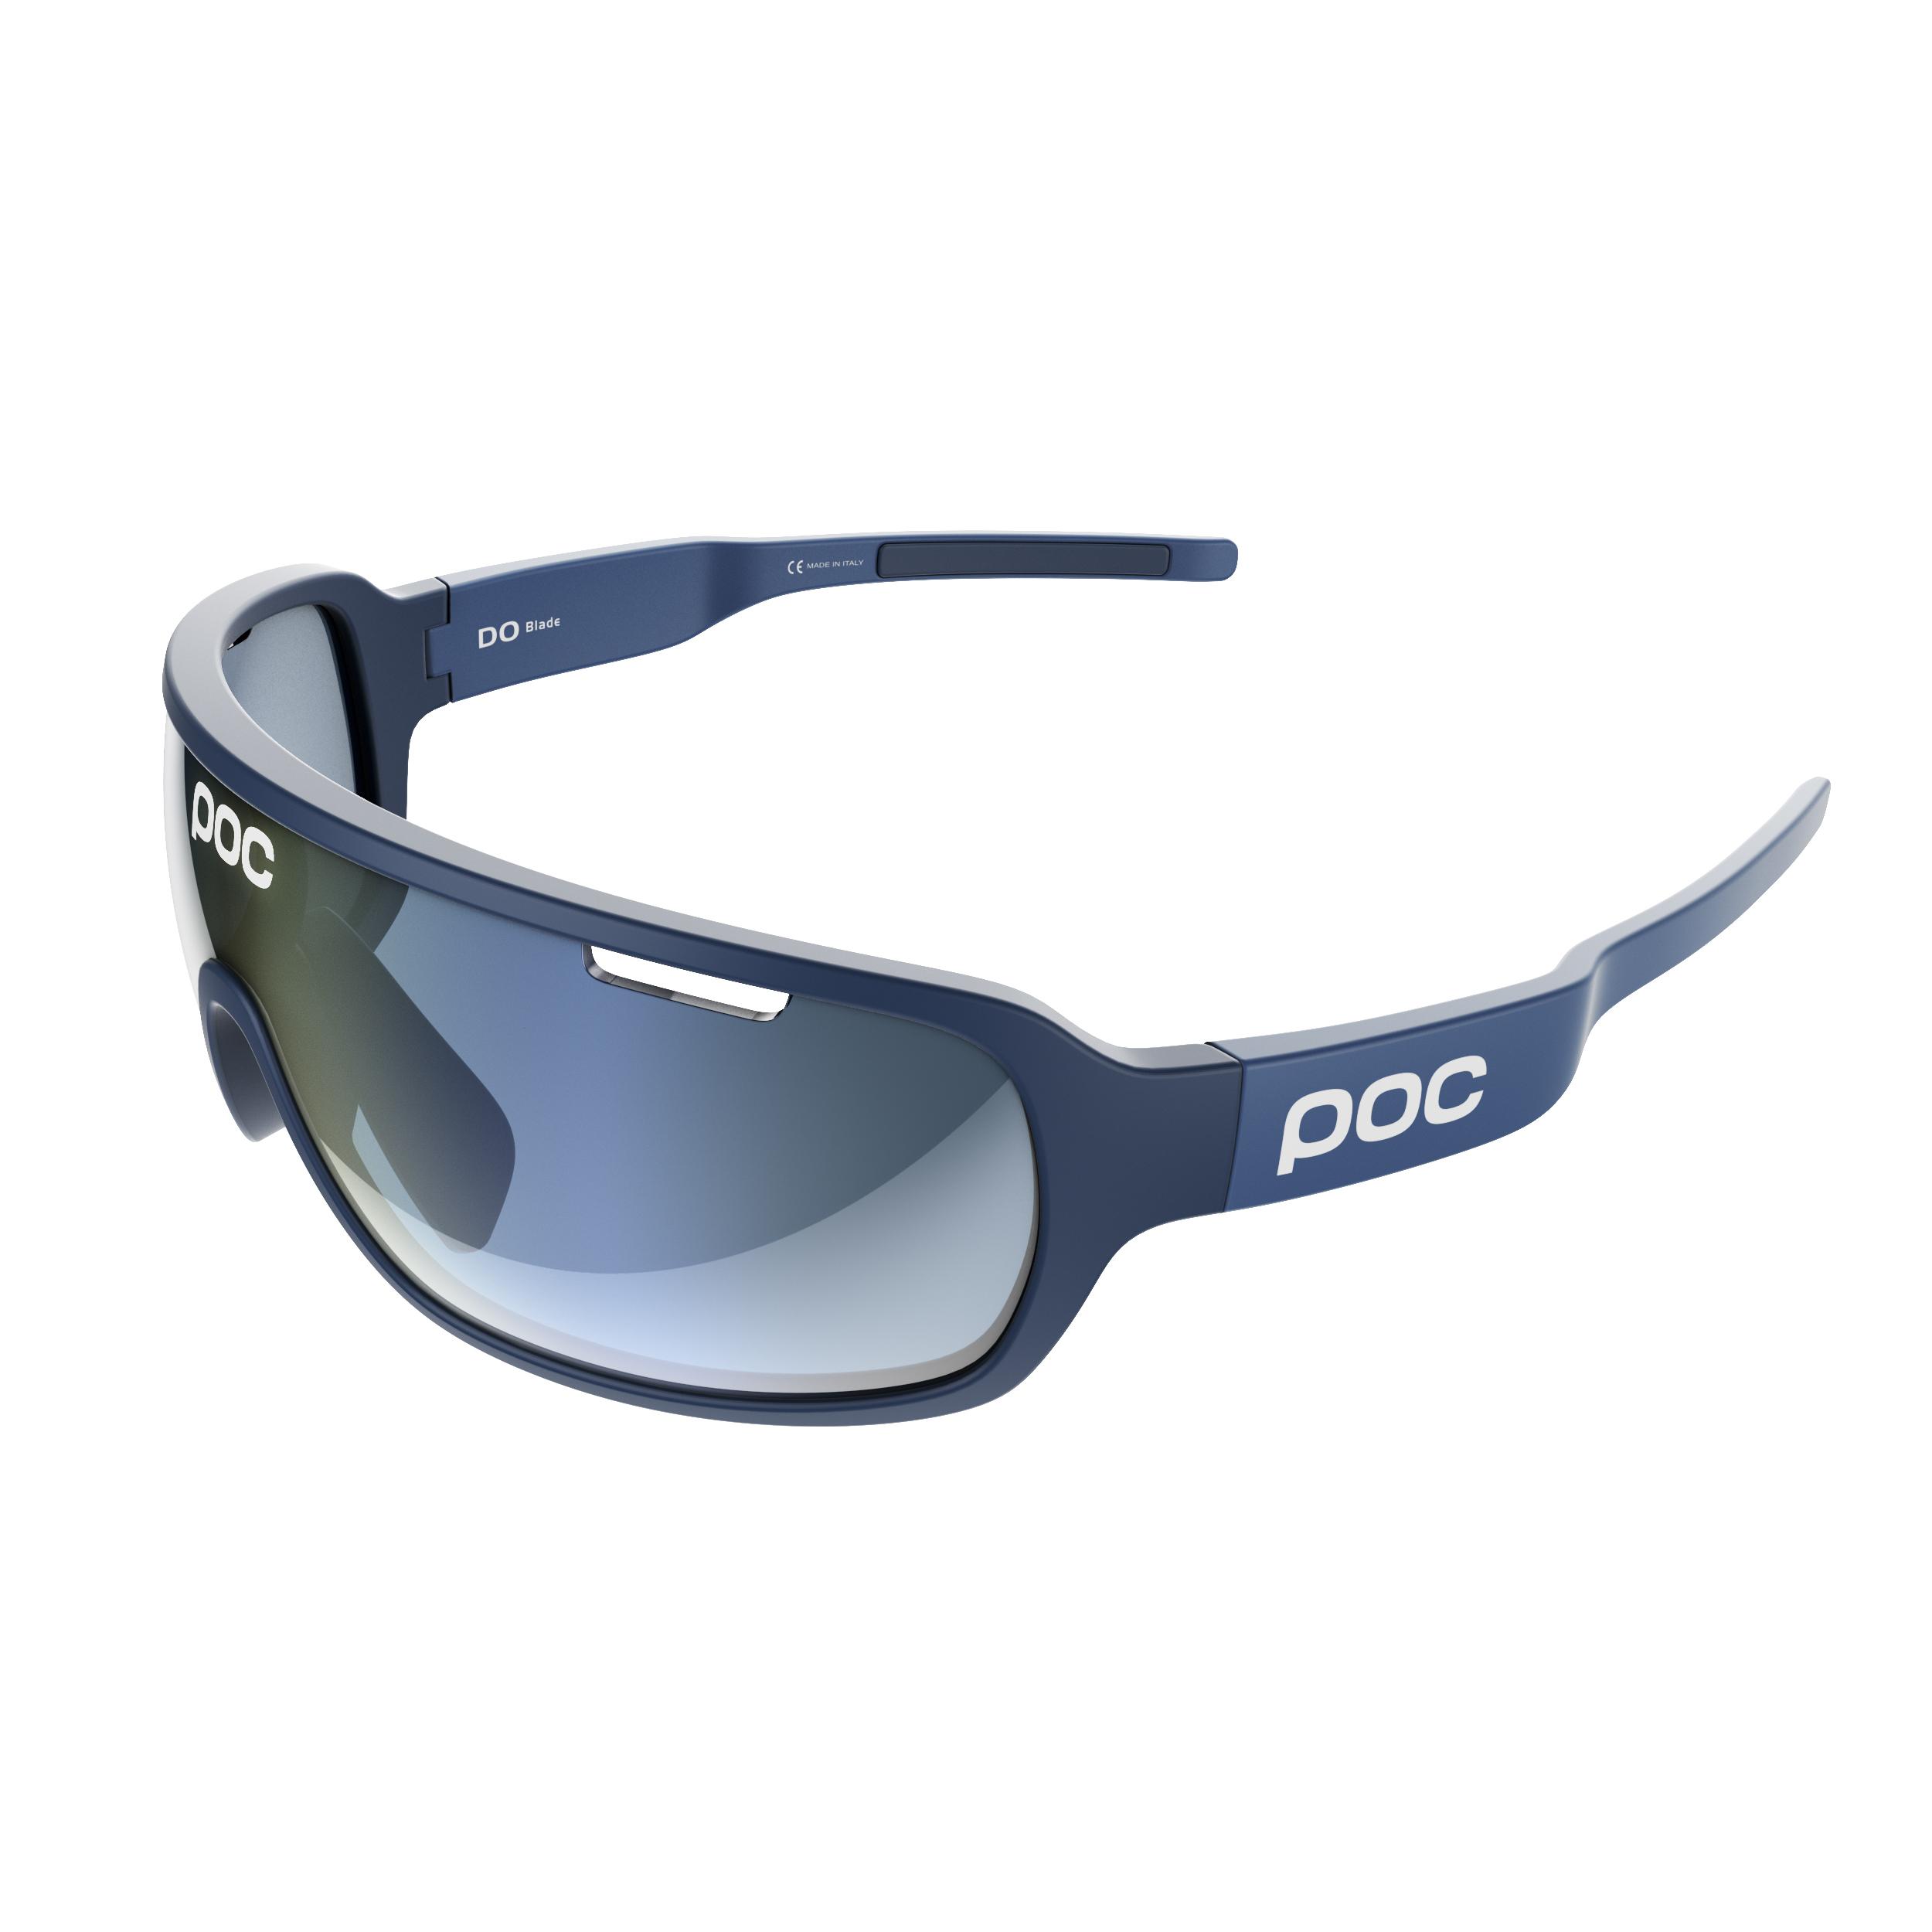 ae8fa098e7118f Poc - Outdoorview.fr, Le spécialiste des lunettes de sports correctrices